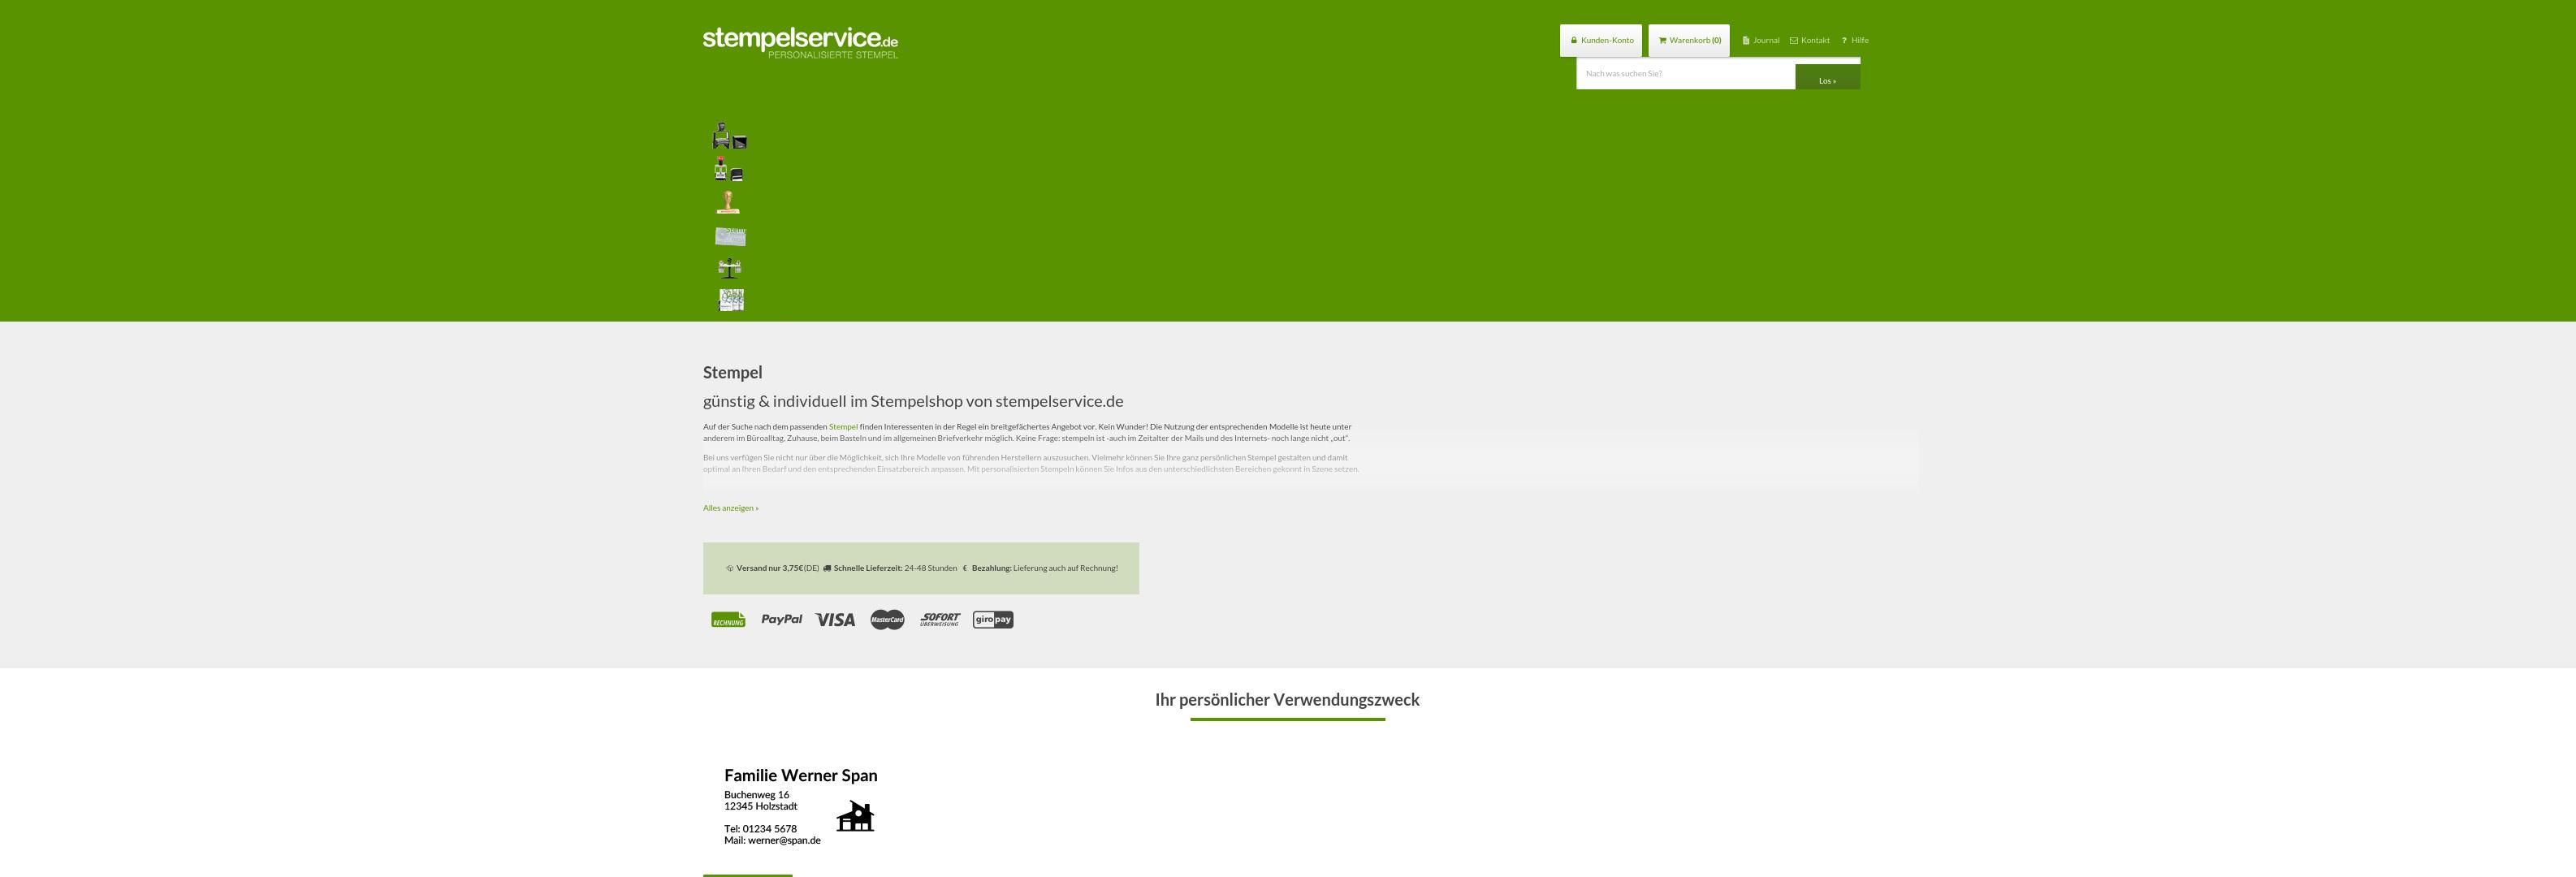 Geld zurück bei Stempelservice: Jetzt im Mai 2021 Cashback für Stempelservice sichern